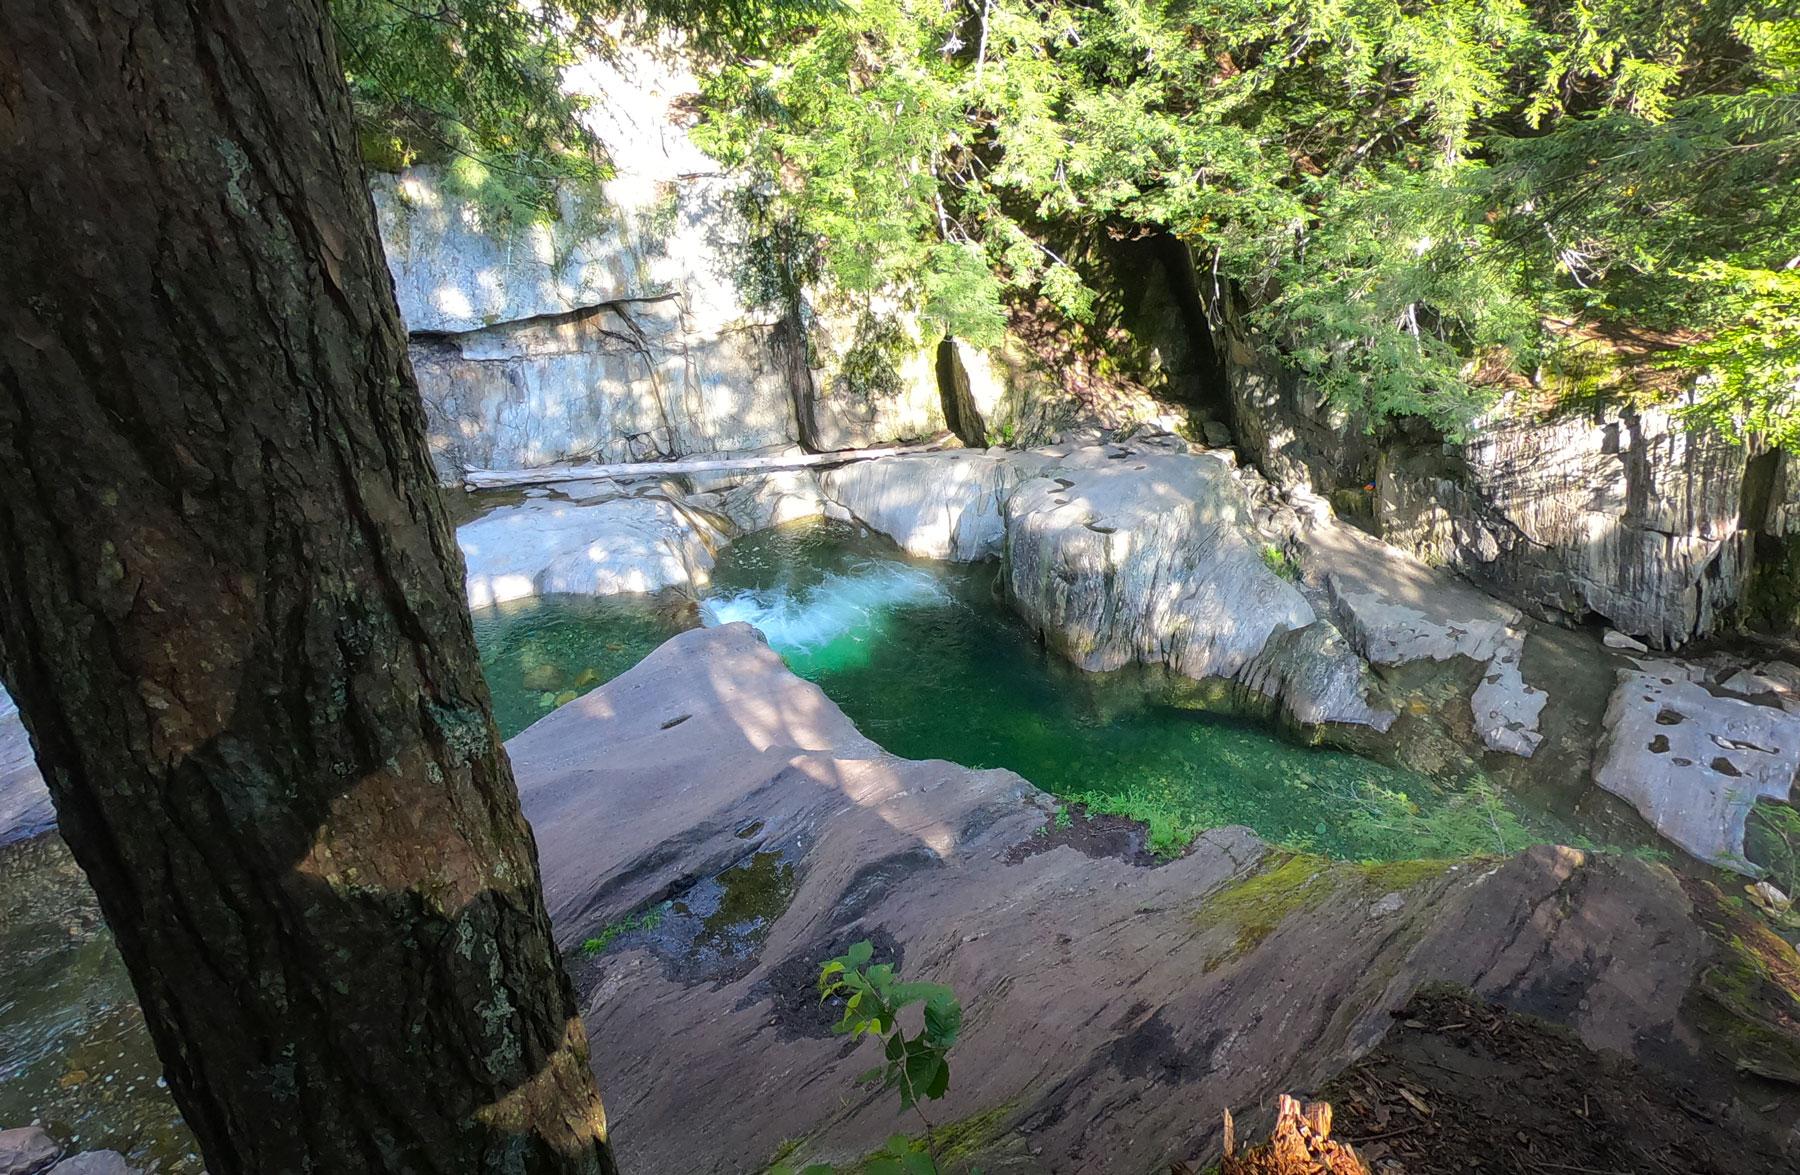 Overlook Warren Falls swimming hole in Vermont